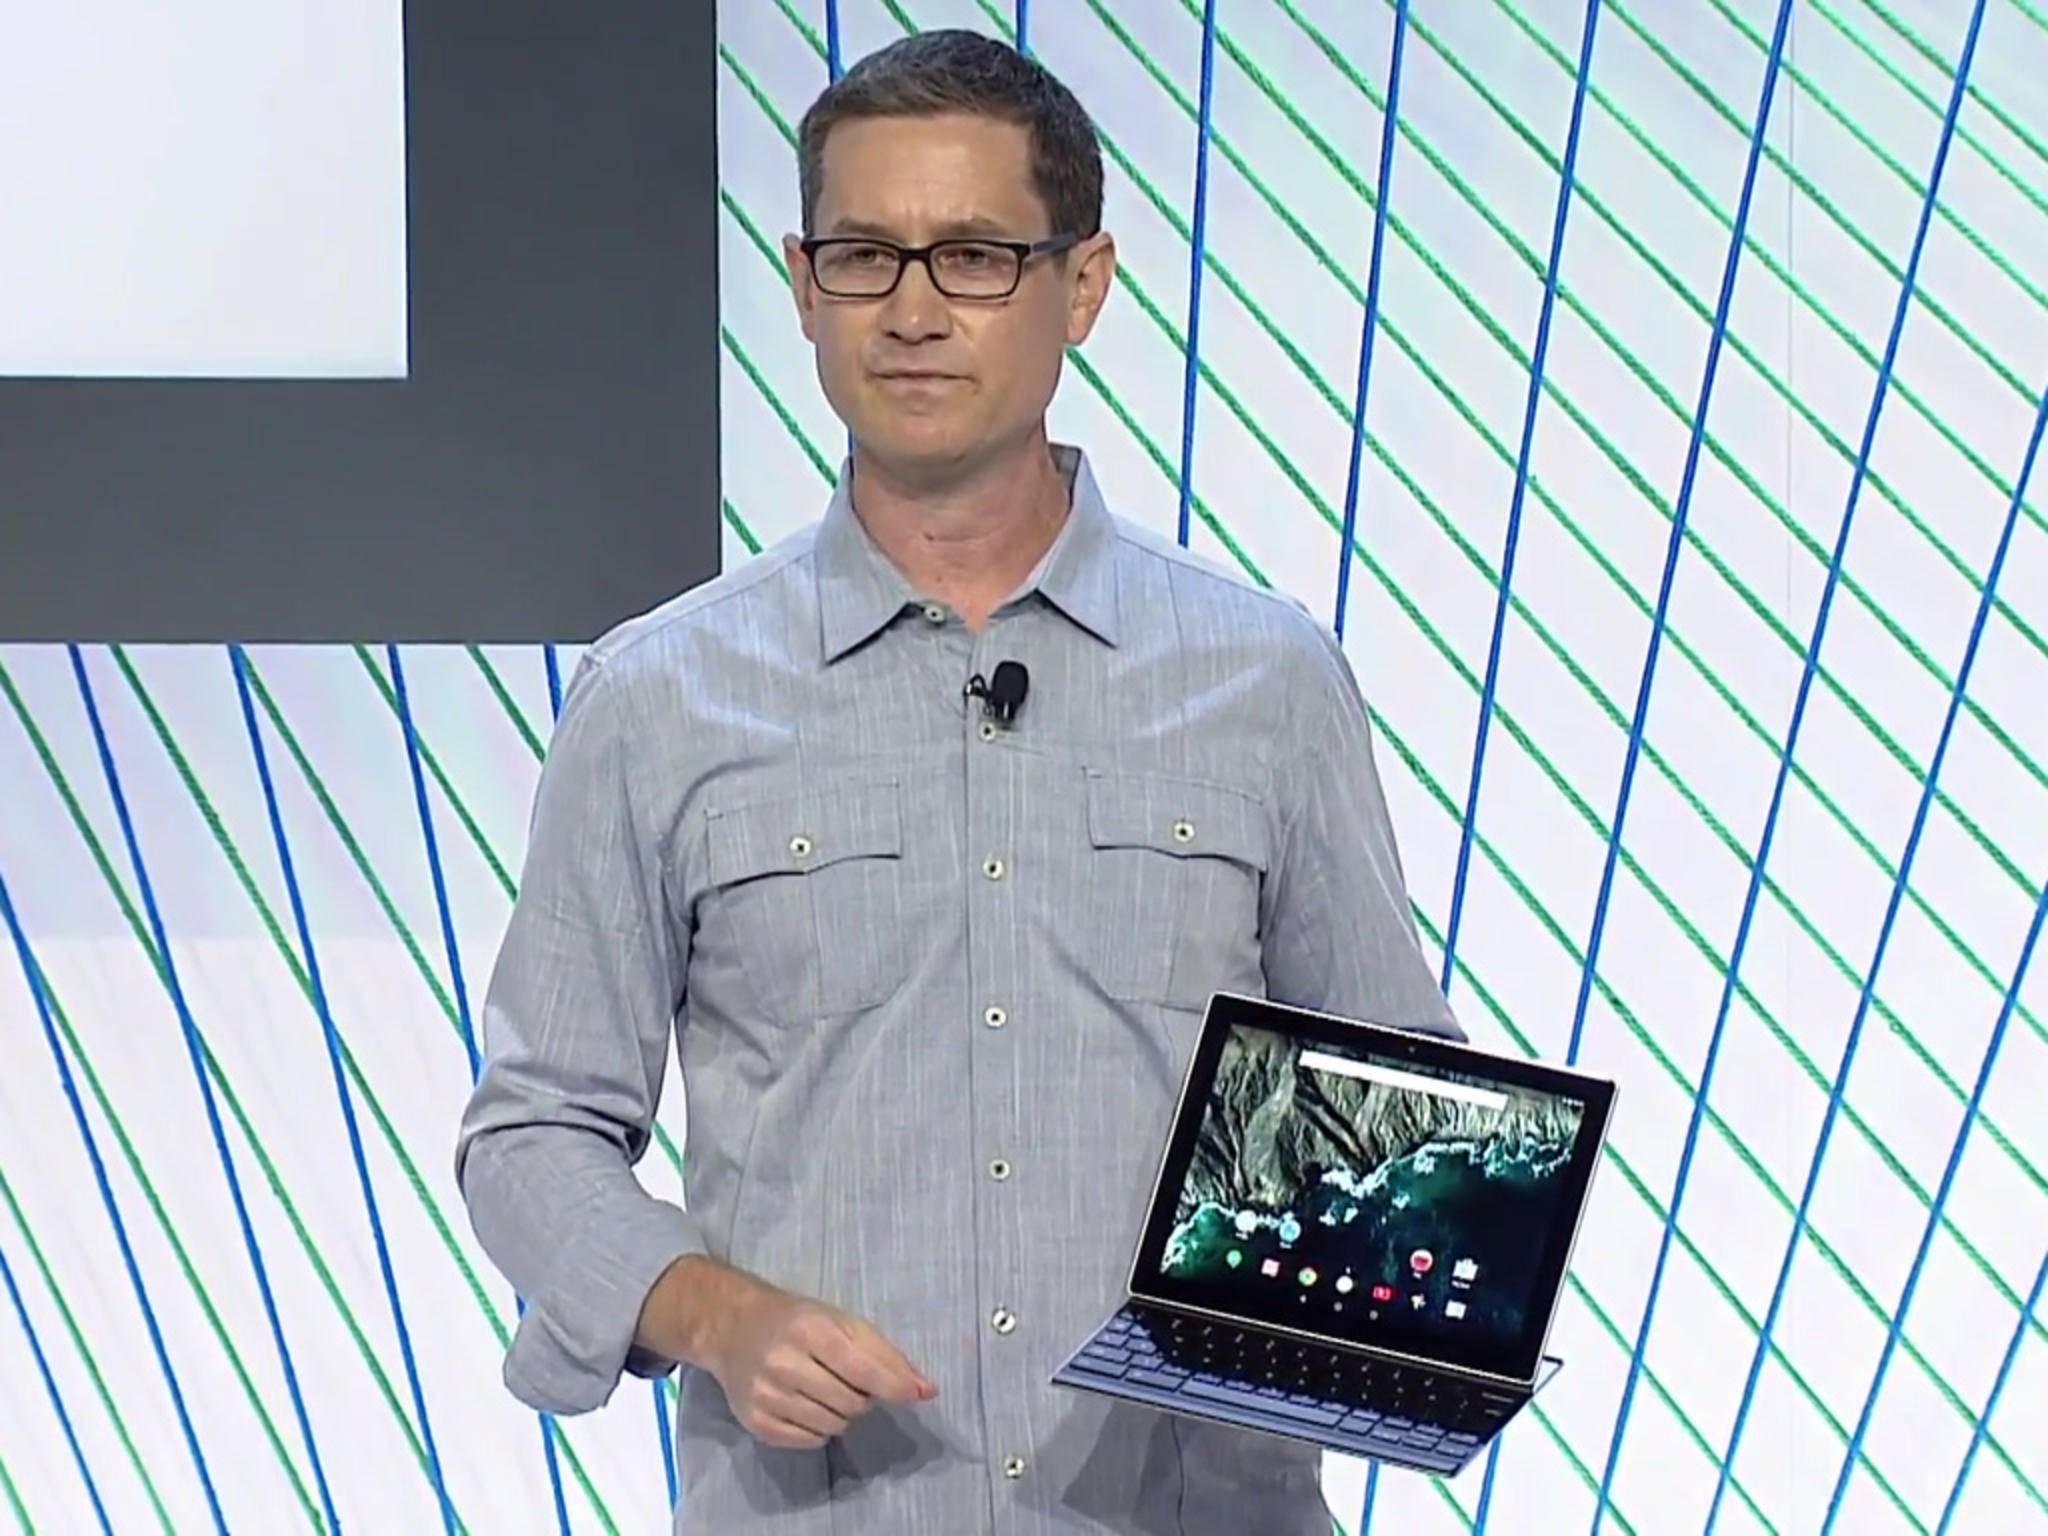 Das Google Pixel C kommt mit Android 6.